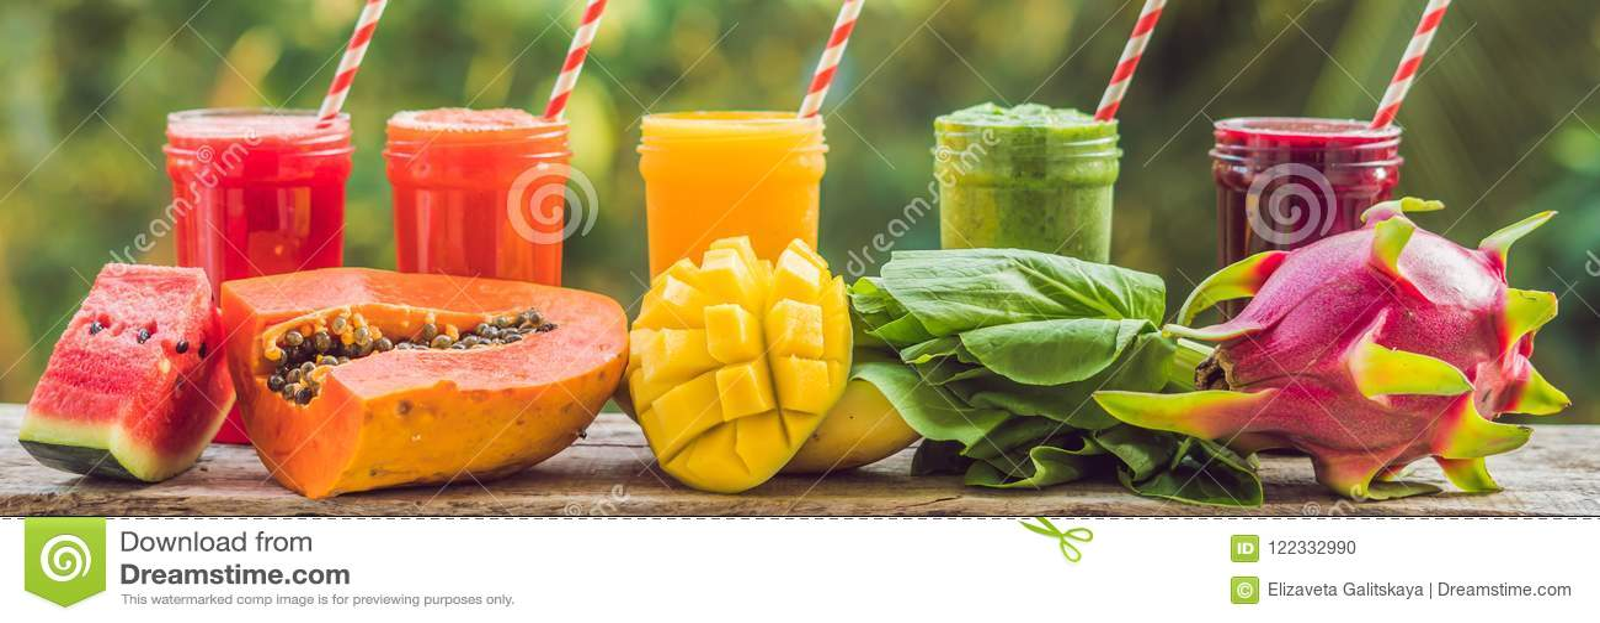 Arc-en-ciel des smoothies Pastèque, papaye, mangue, épinards et fruit du dragon Les Smoothies, jus, boissons, boit la variété ave